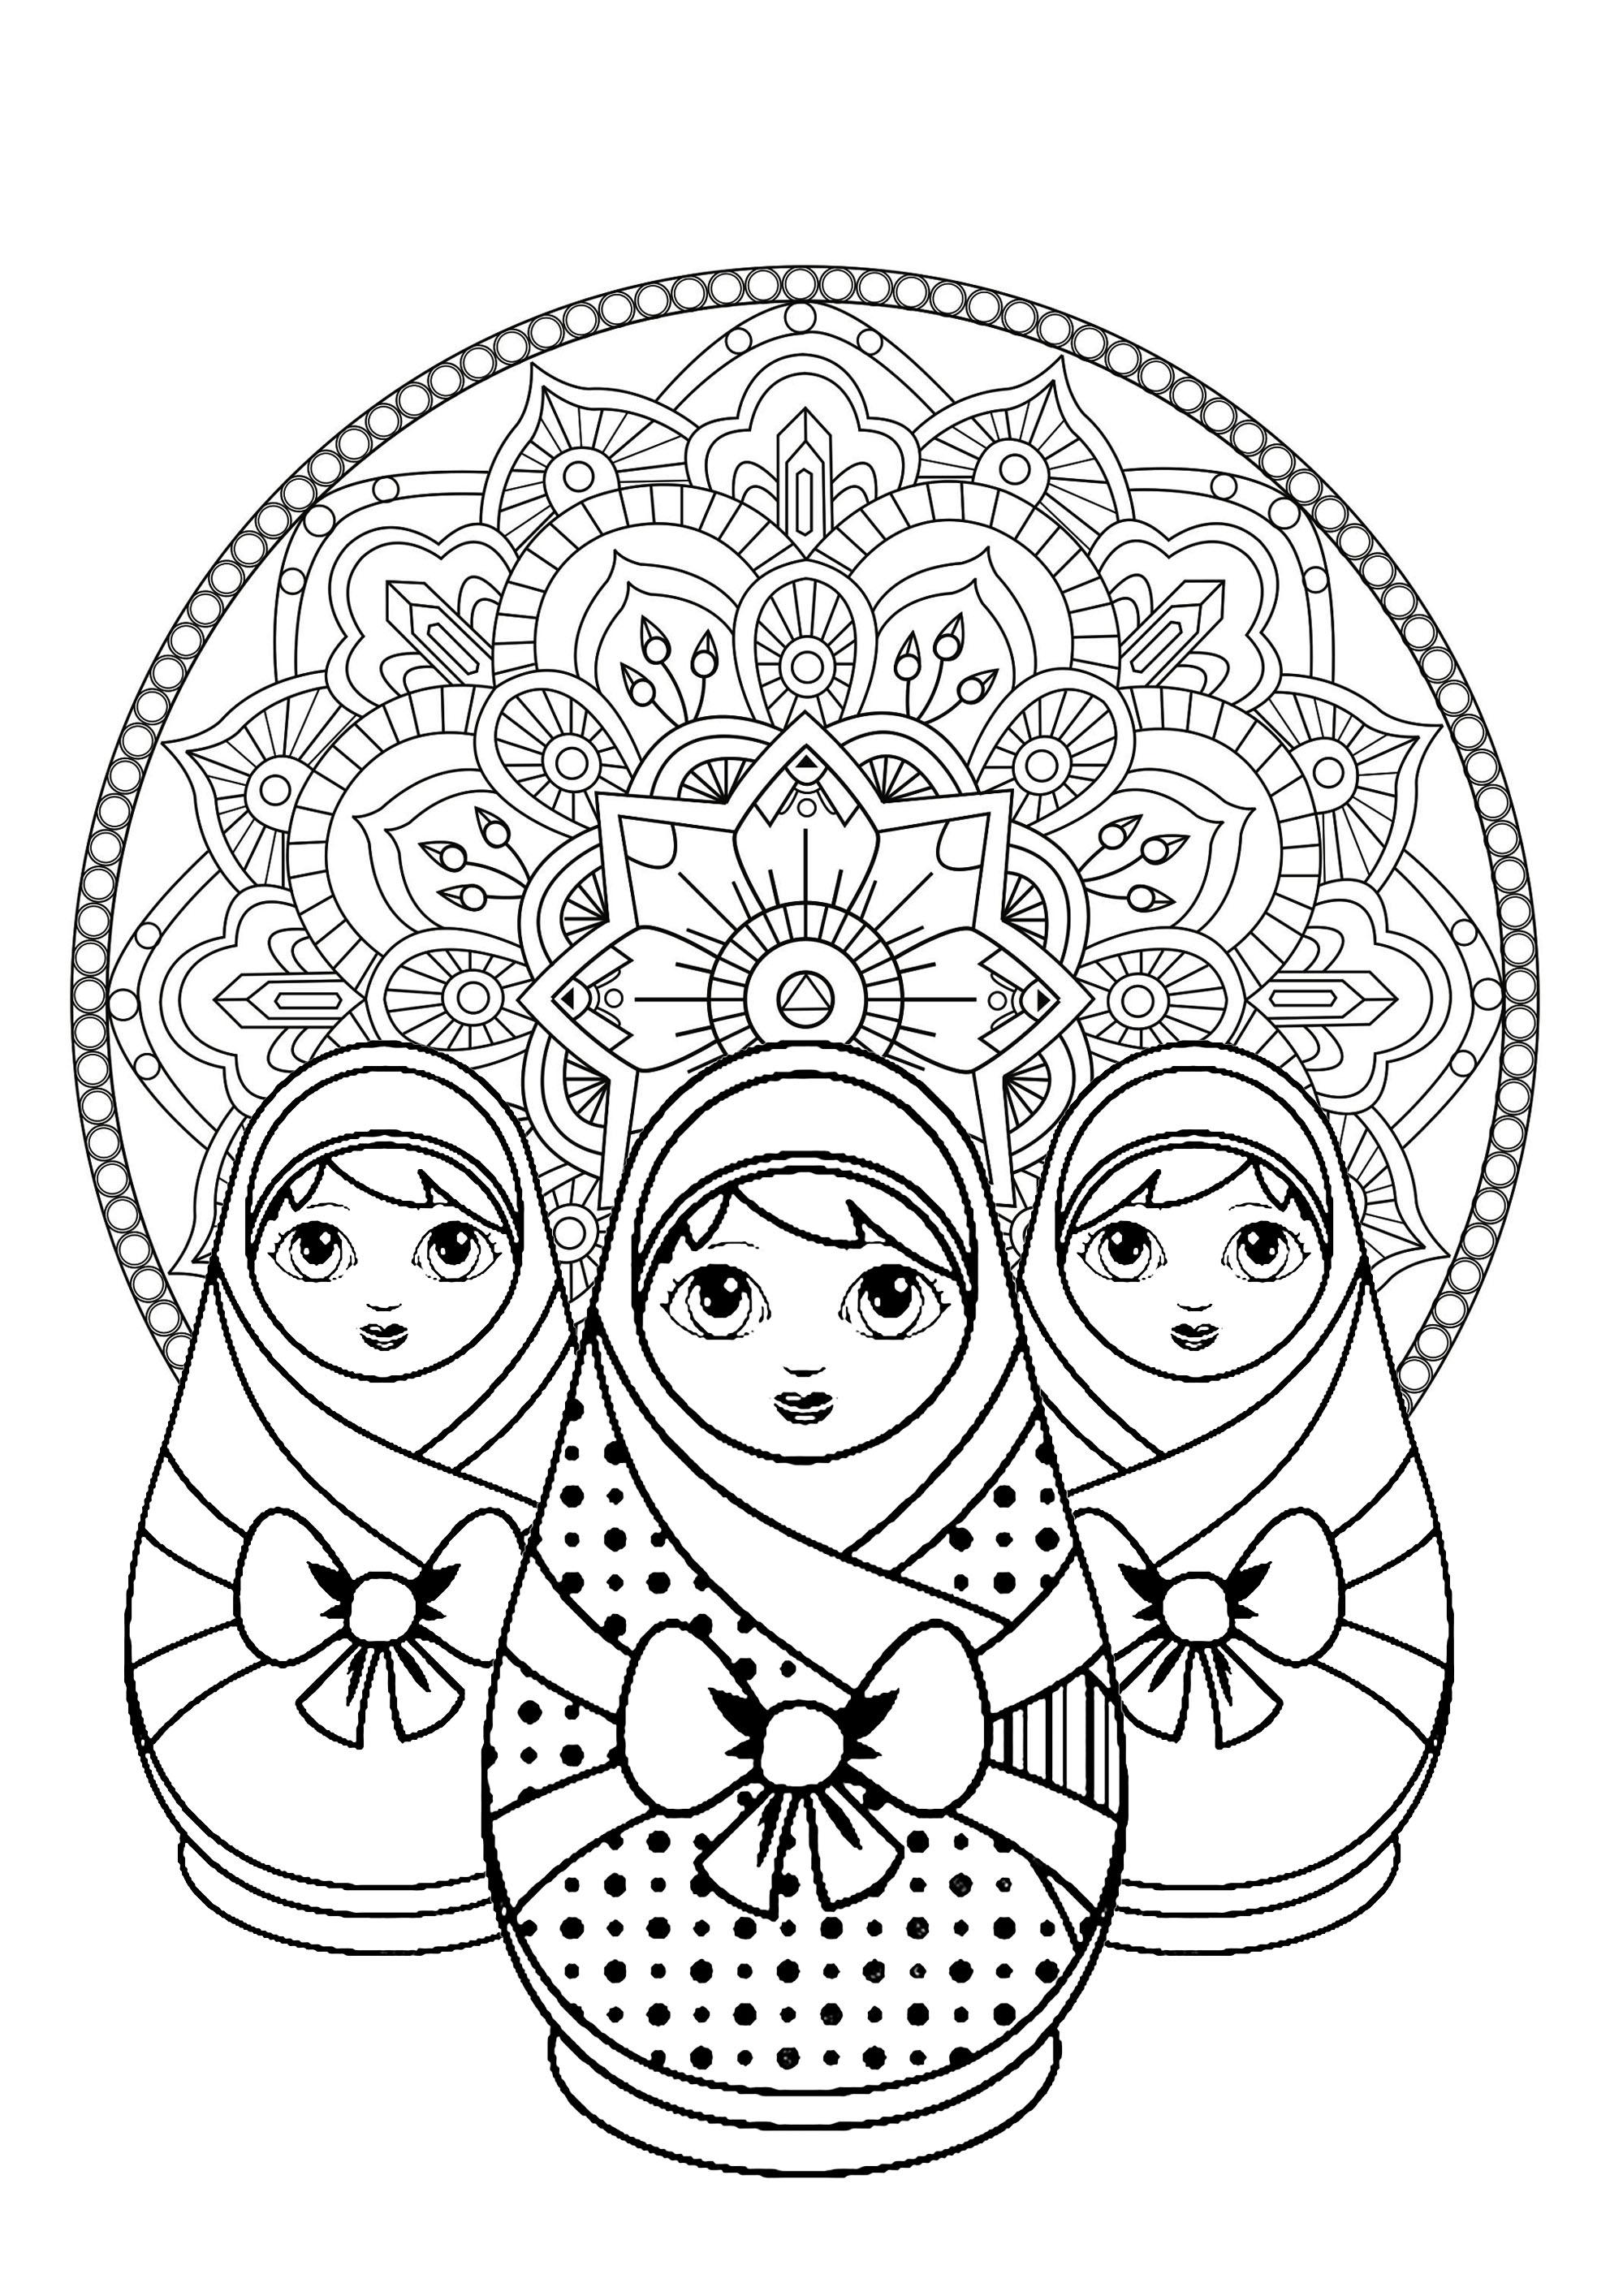 Disegni da Colorare per Adulti : Bambole russe - 4